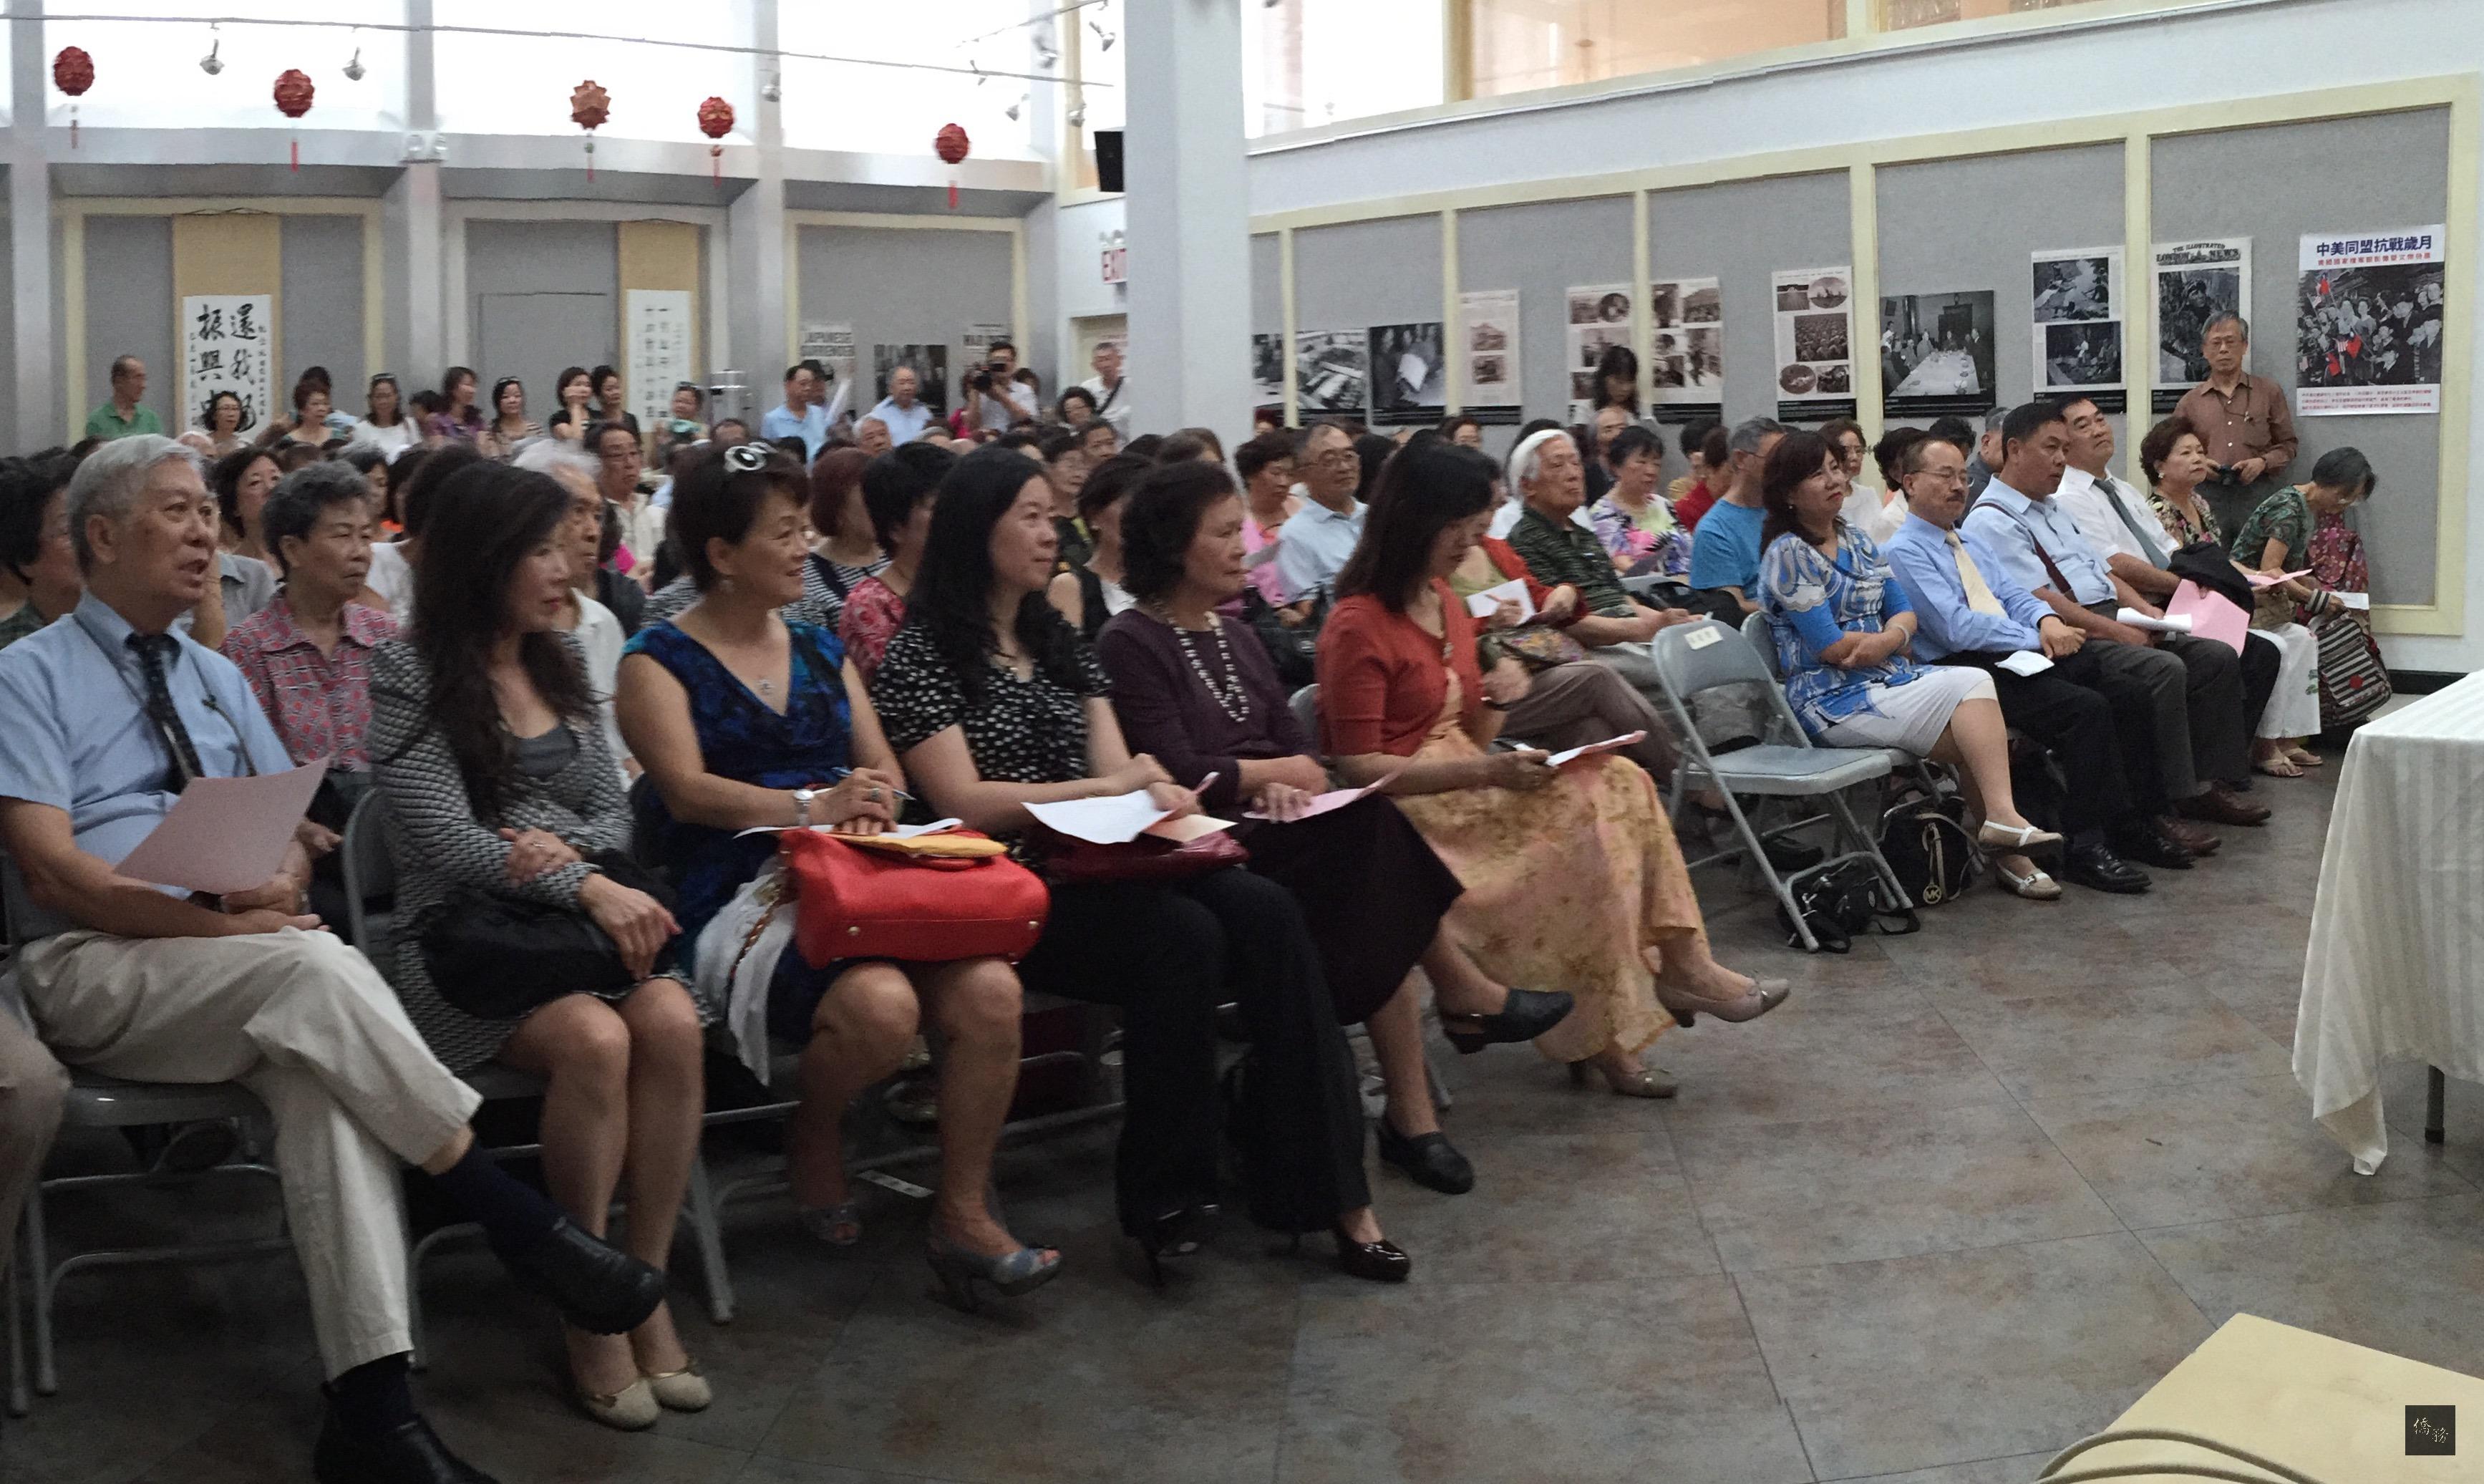 王鼎鈞在紐約僑教中心以「戲劇欣賞」為題進行專題講座,近200位僑胞將僑教中心擠得水洩不通。(紐約僑教中心提供)